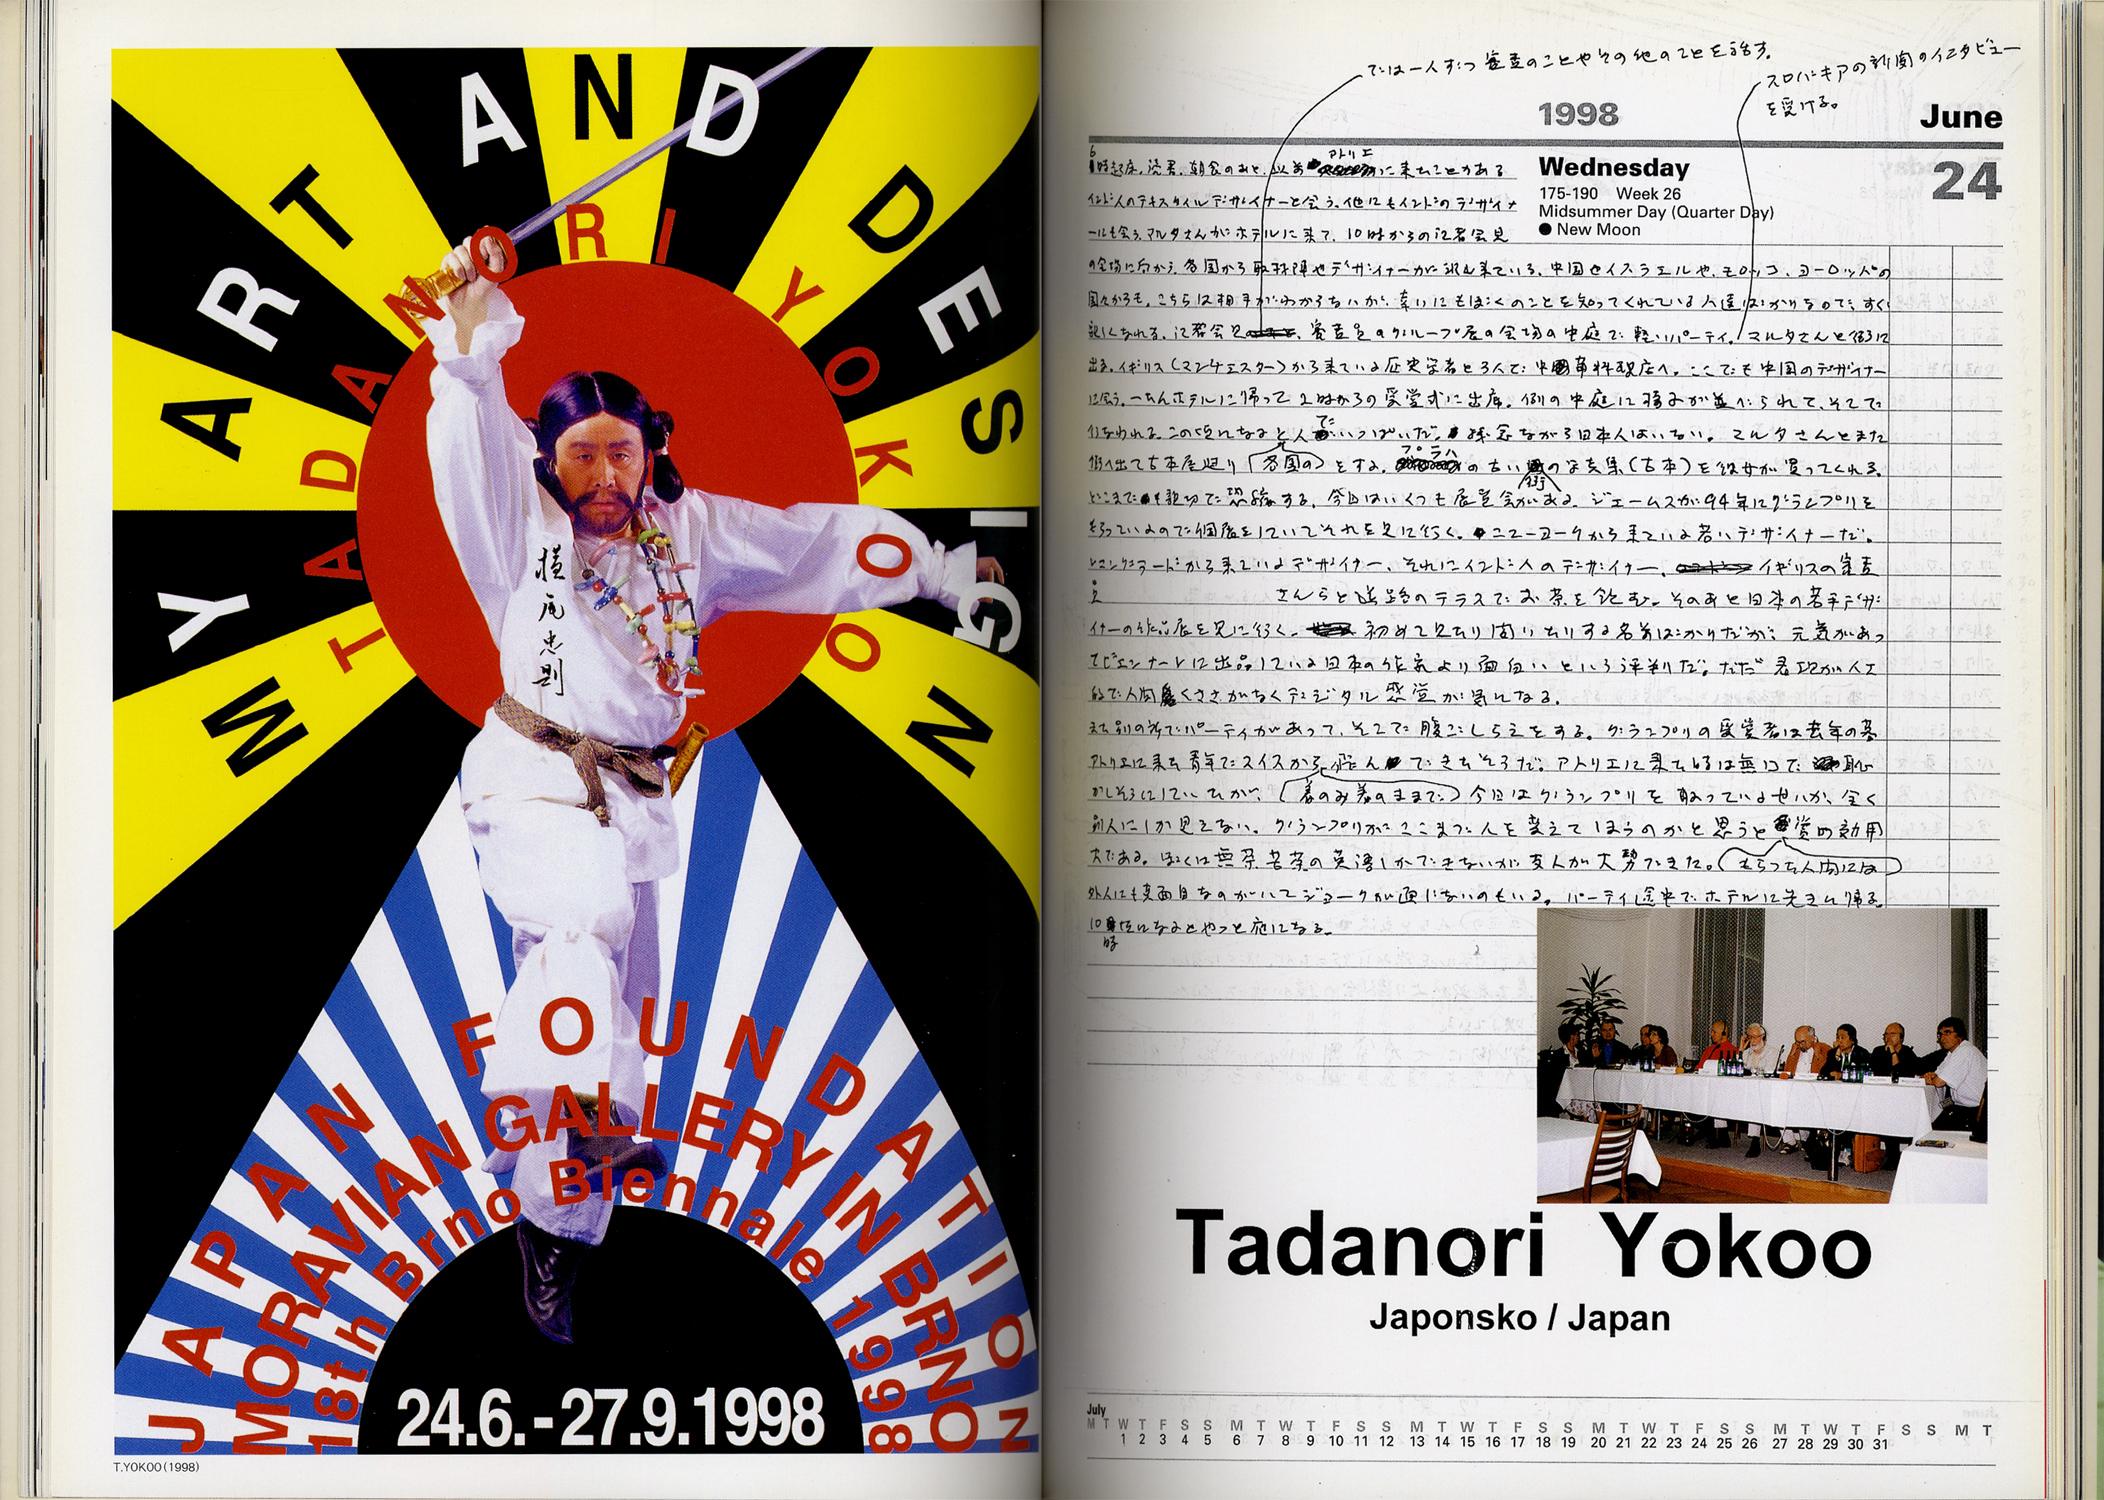 横尾忠則の仕事と周辺 ニューヨーク→チェコ駆け足旅行記 Artist、 Director and Designer SCAN #1[image3]